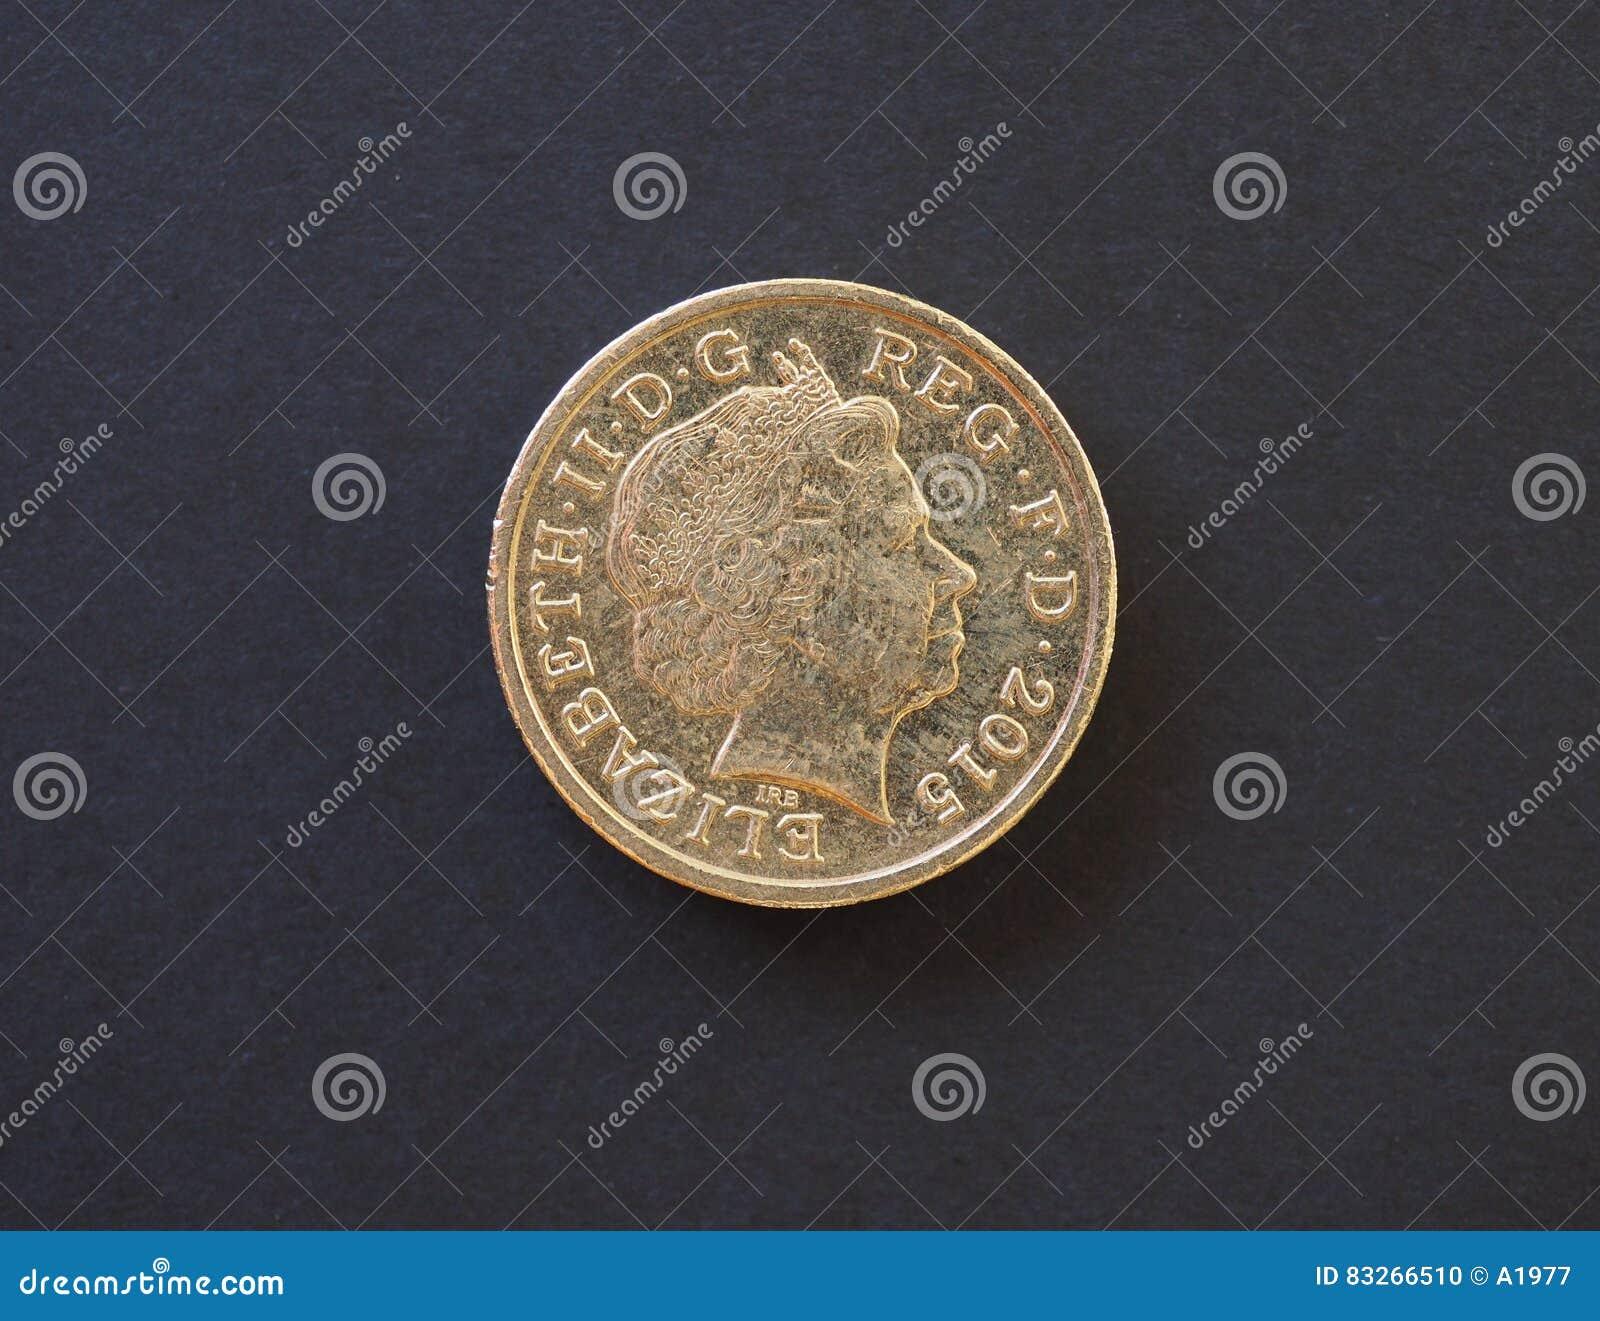 1 Pfund Münze Vereinigtes Königreich In London Redaktionelles Bild